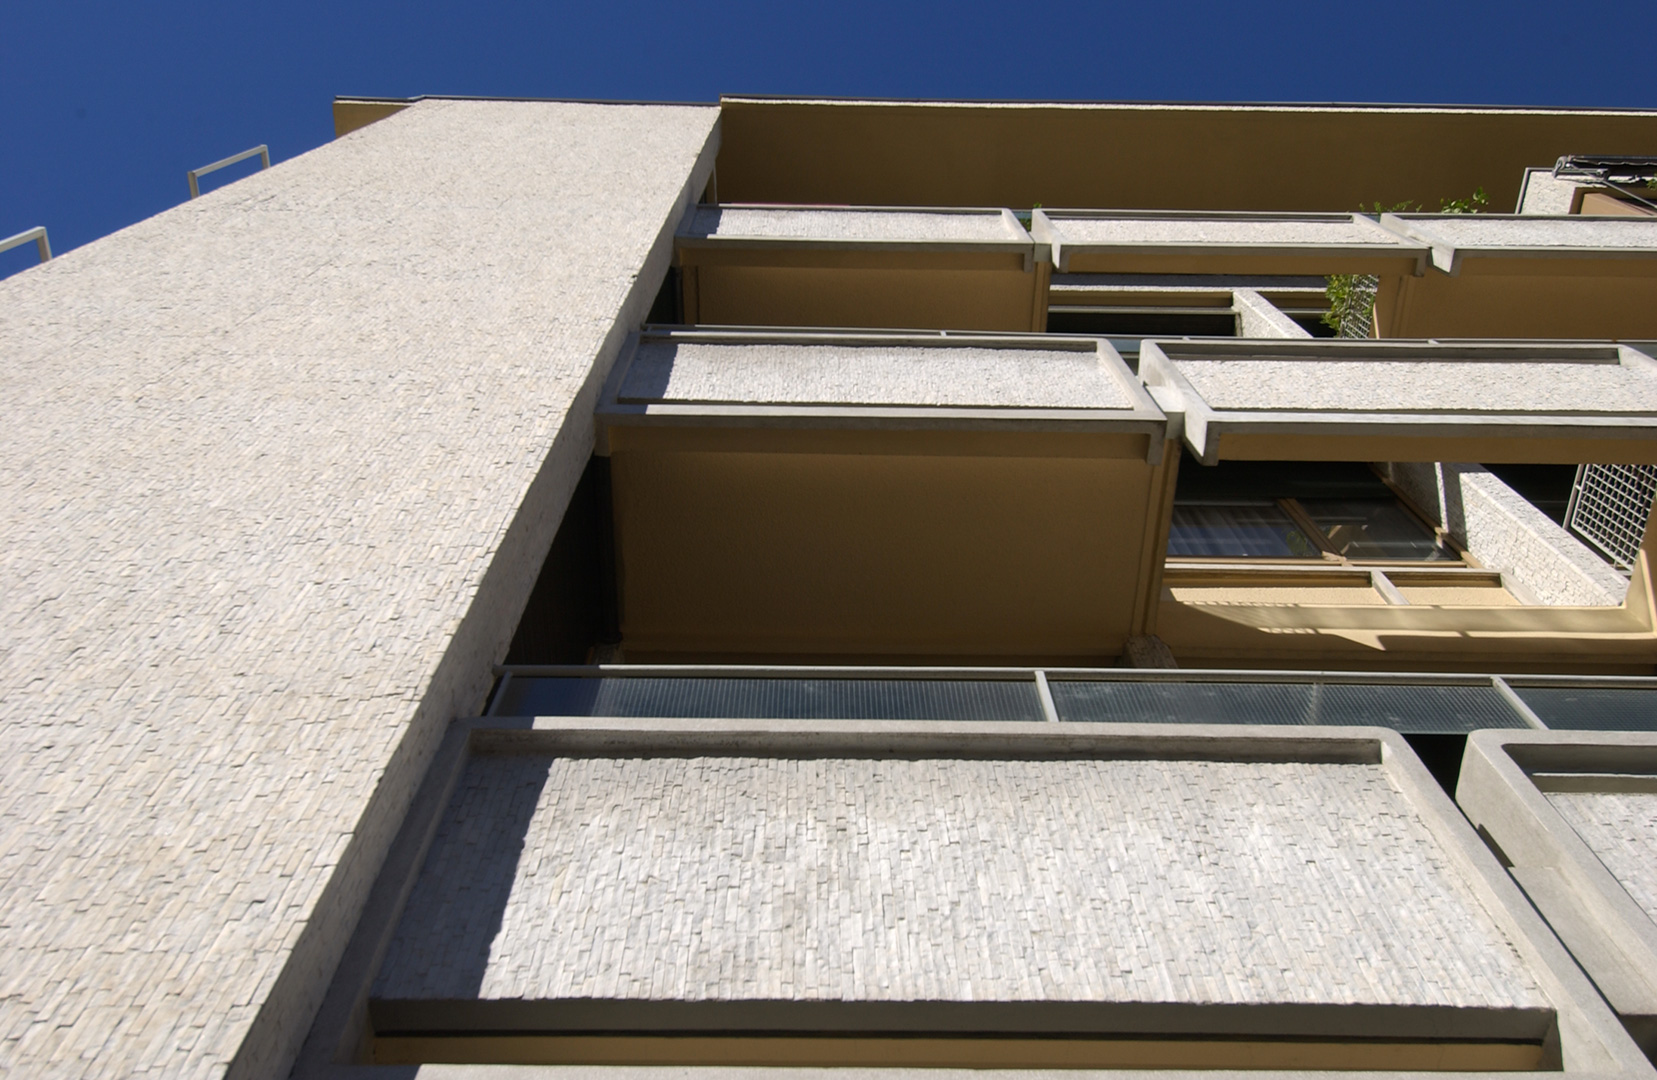 casa-giuliani-frigerio_02_DSC_5026